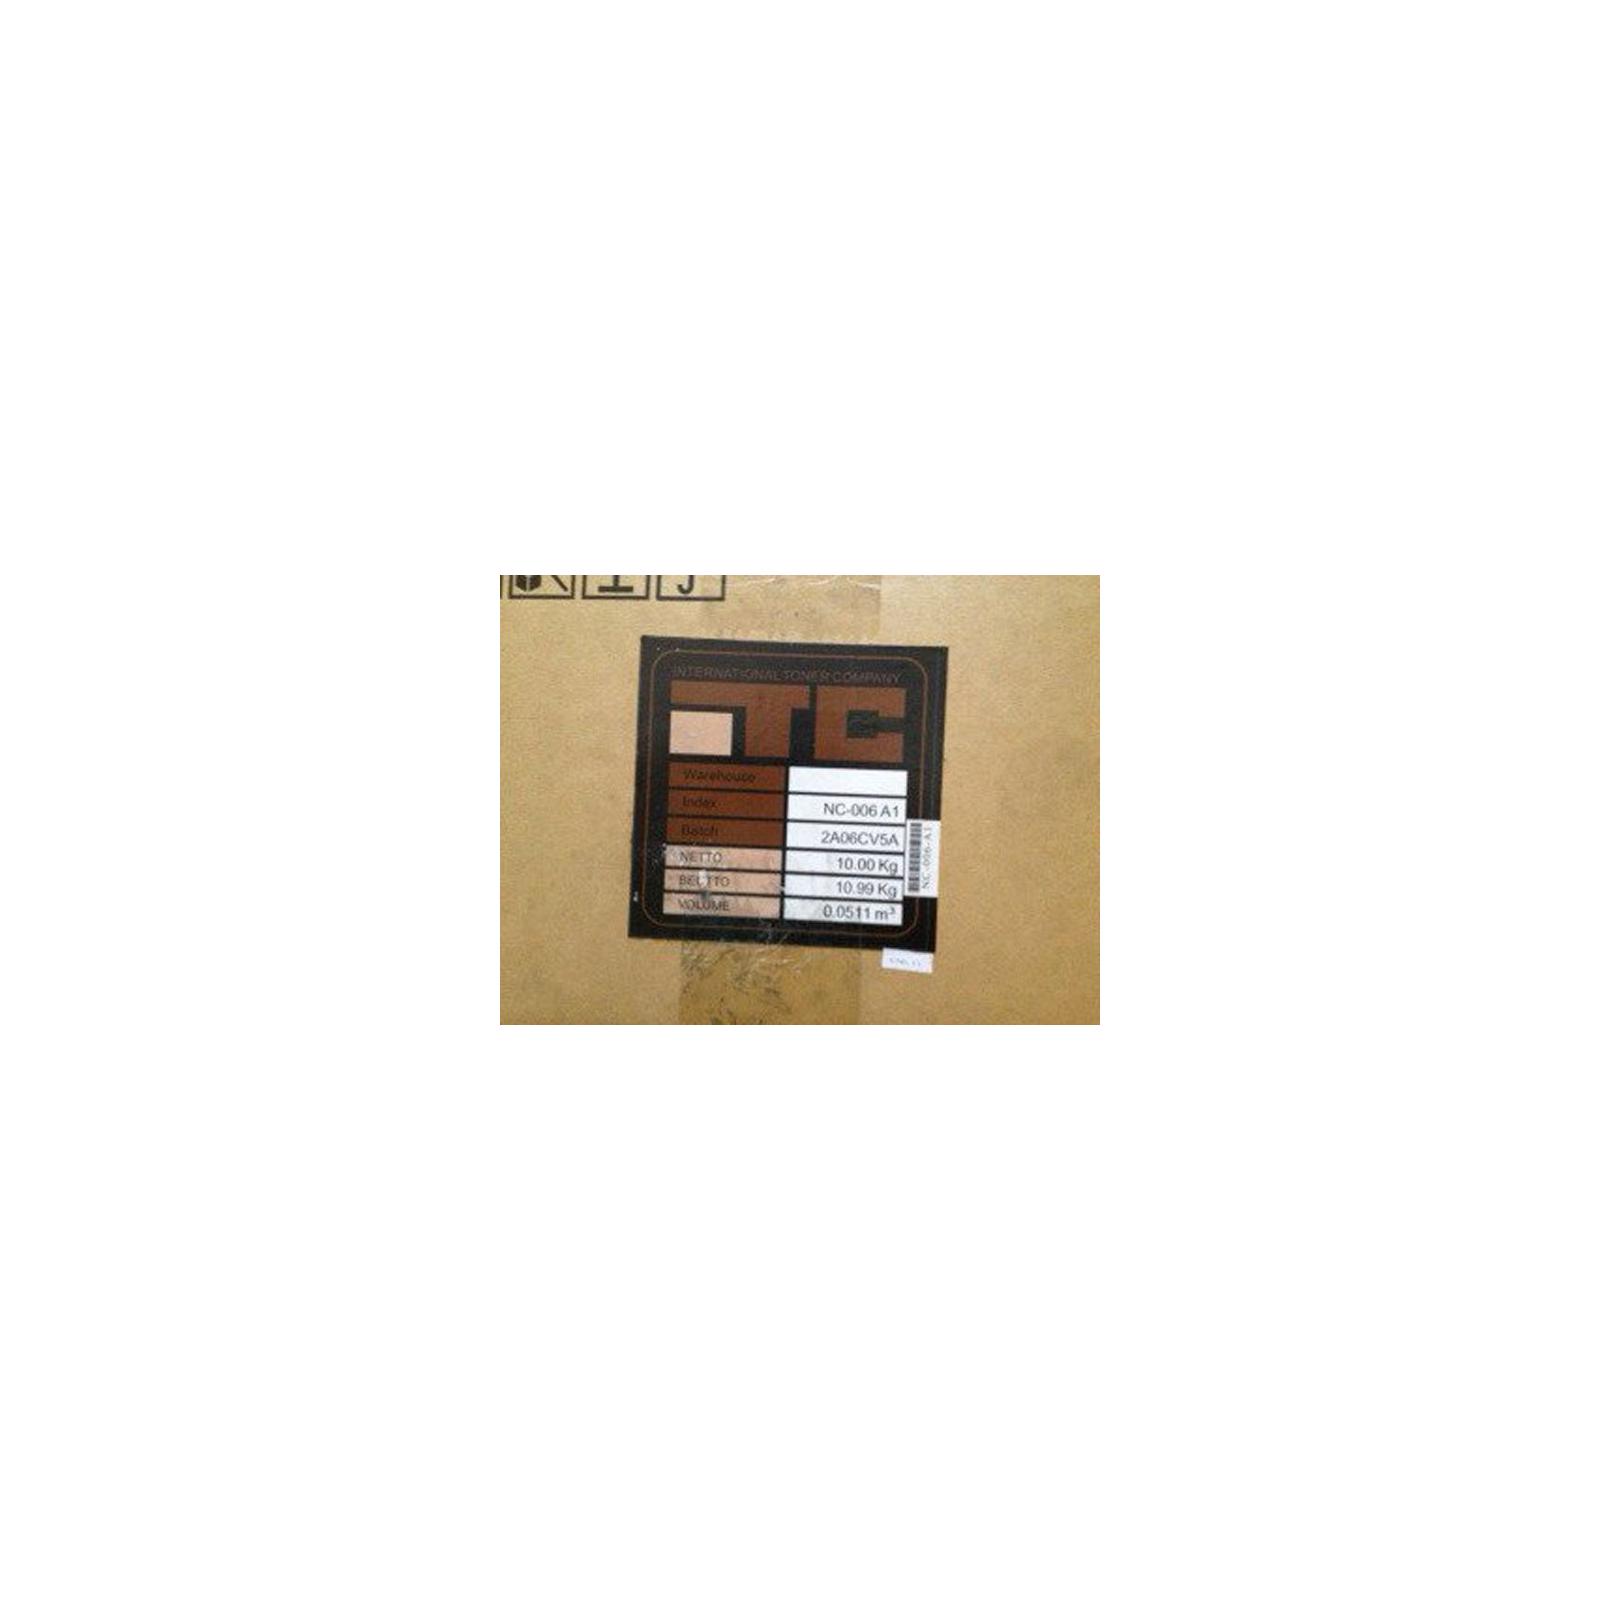 Тонер HP CLJ CP3530/3525 Magenta T722-1 TTI (NC-006.A1)